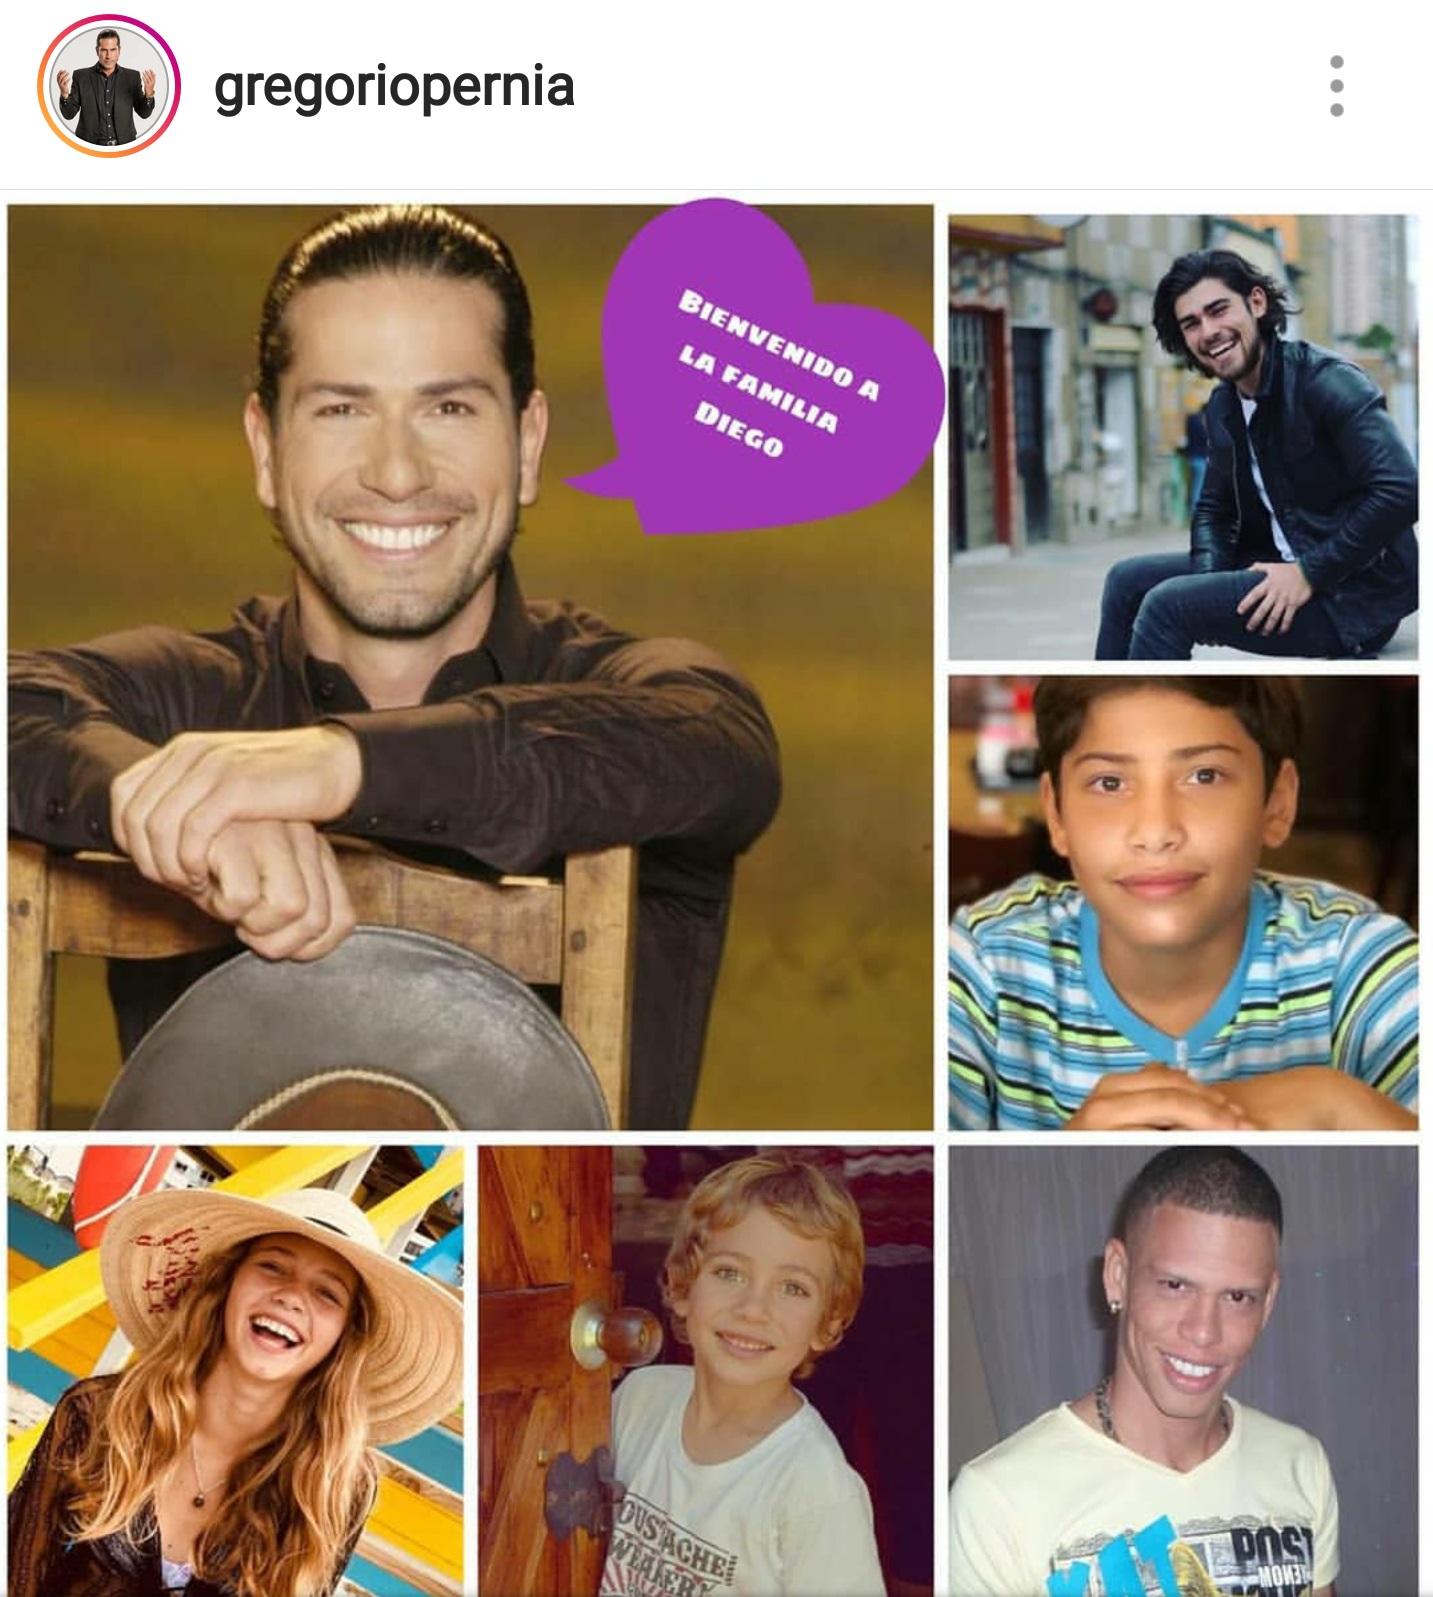 ¿Cuántos hijos tiene Gregorio Pernía?